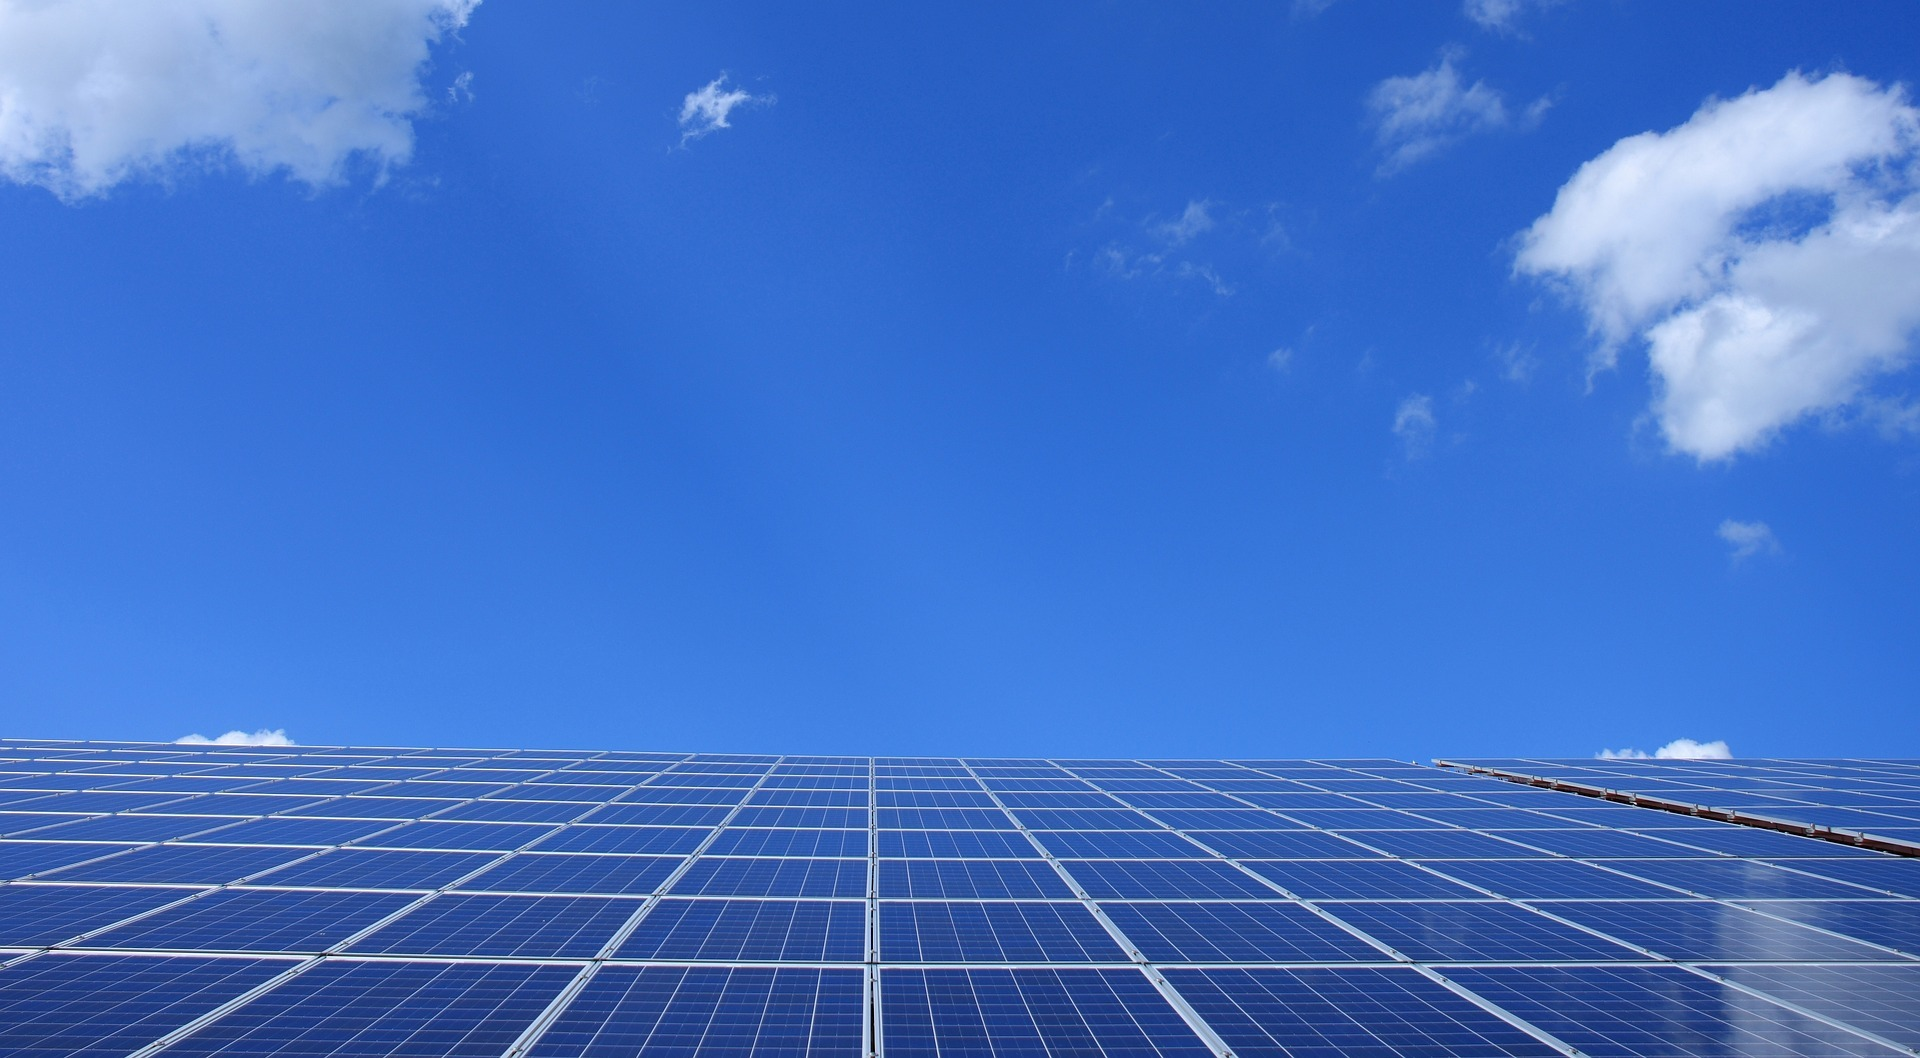 Installation einer Solaranlage auf baumarktblog24.de